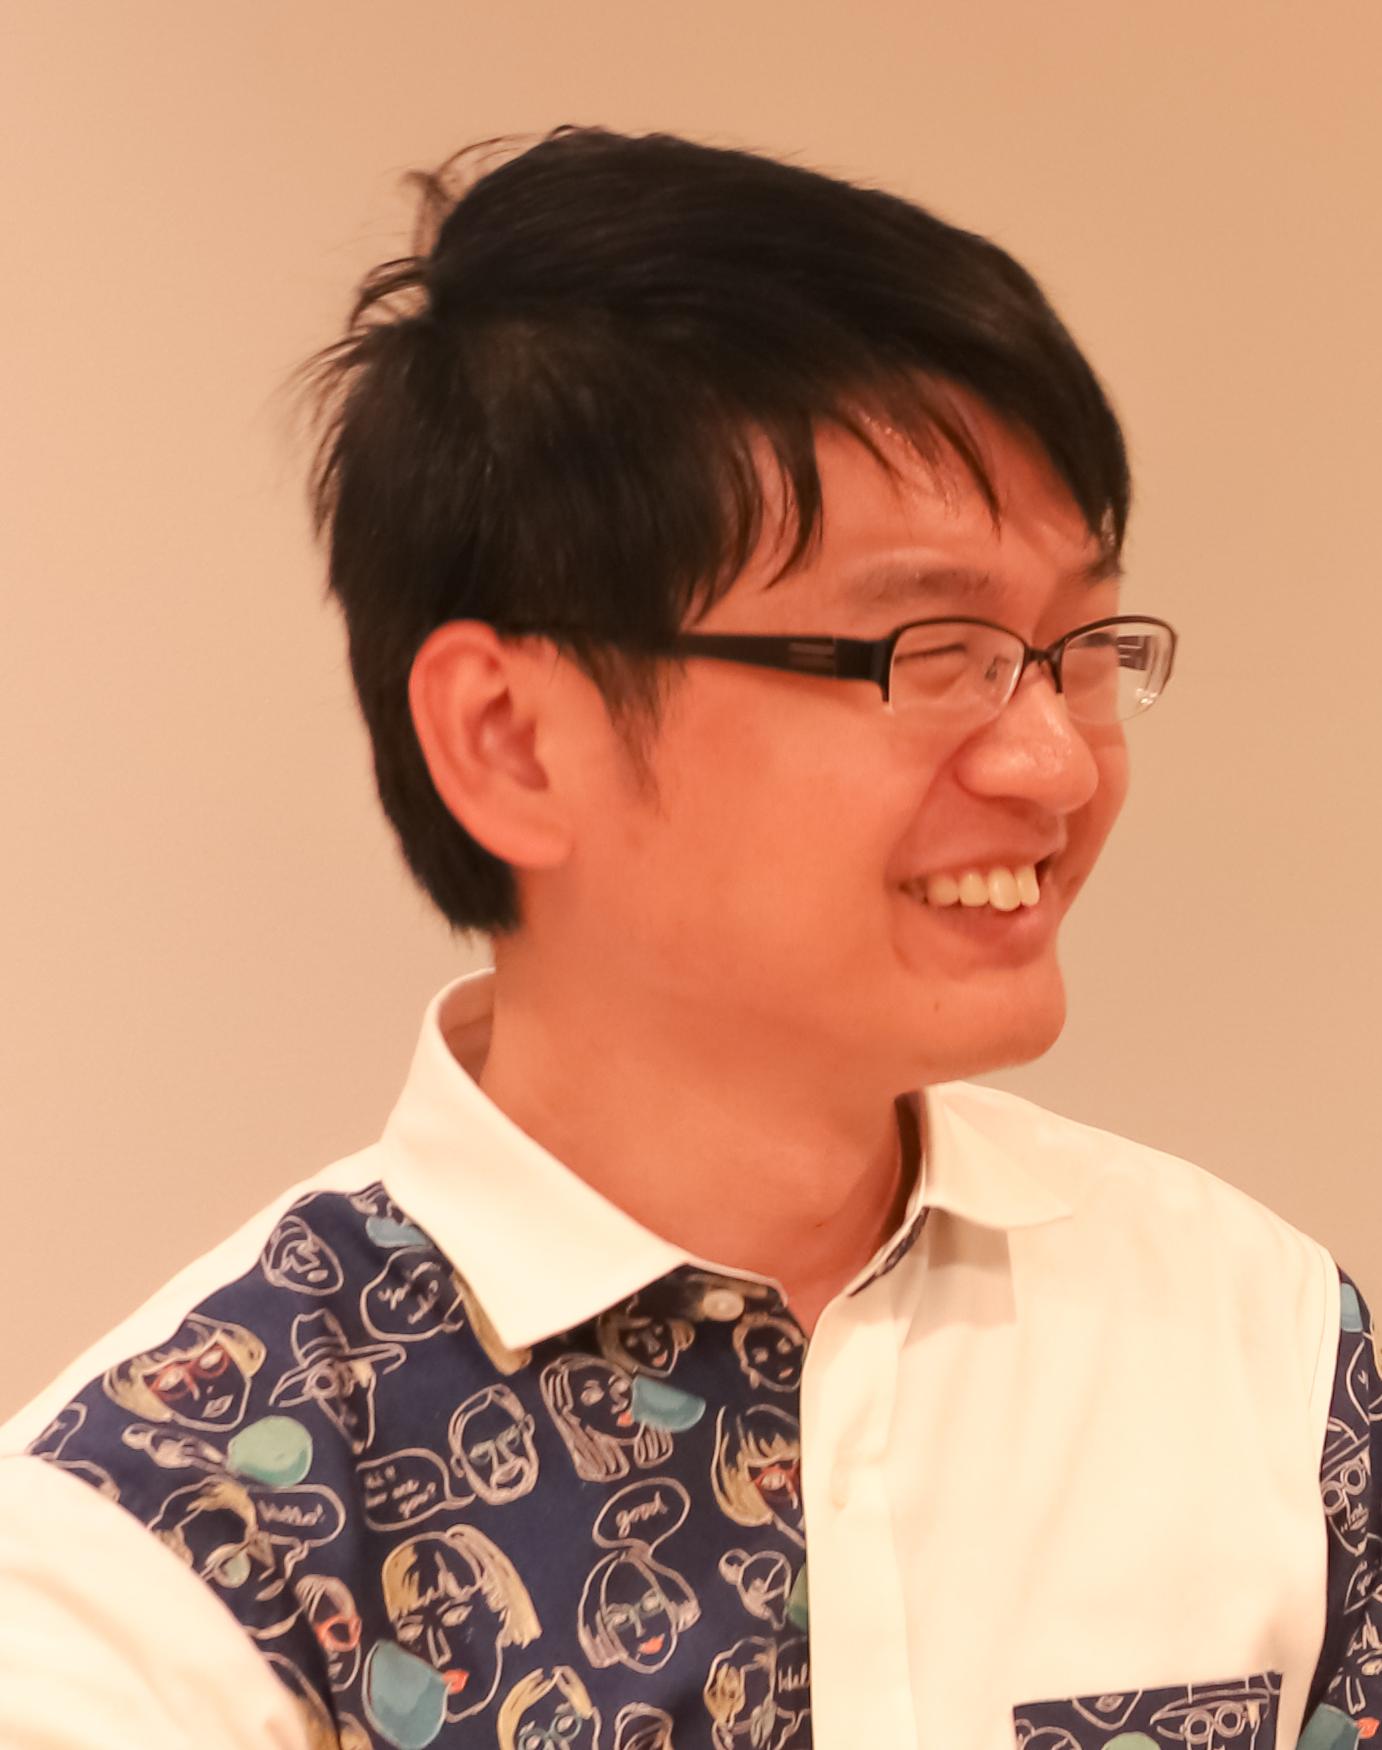 登場人物: ハーチ株式会社 コンテンツマーケター ロジャー・オングさん